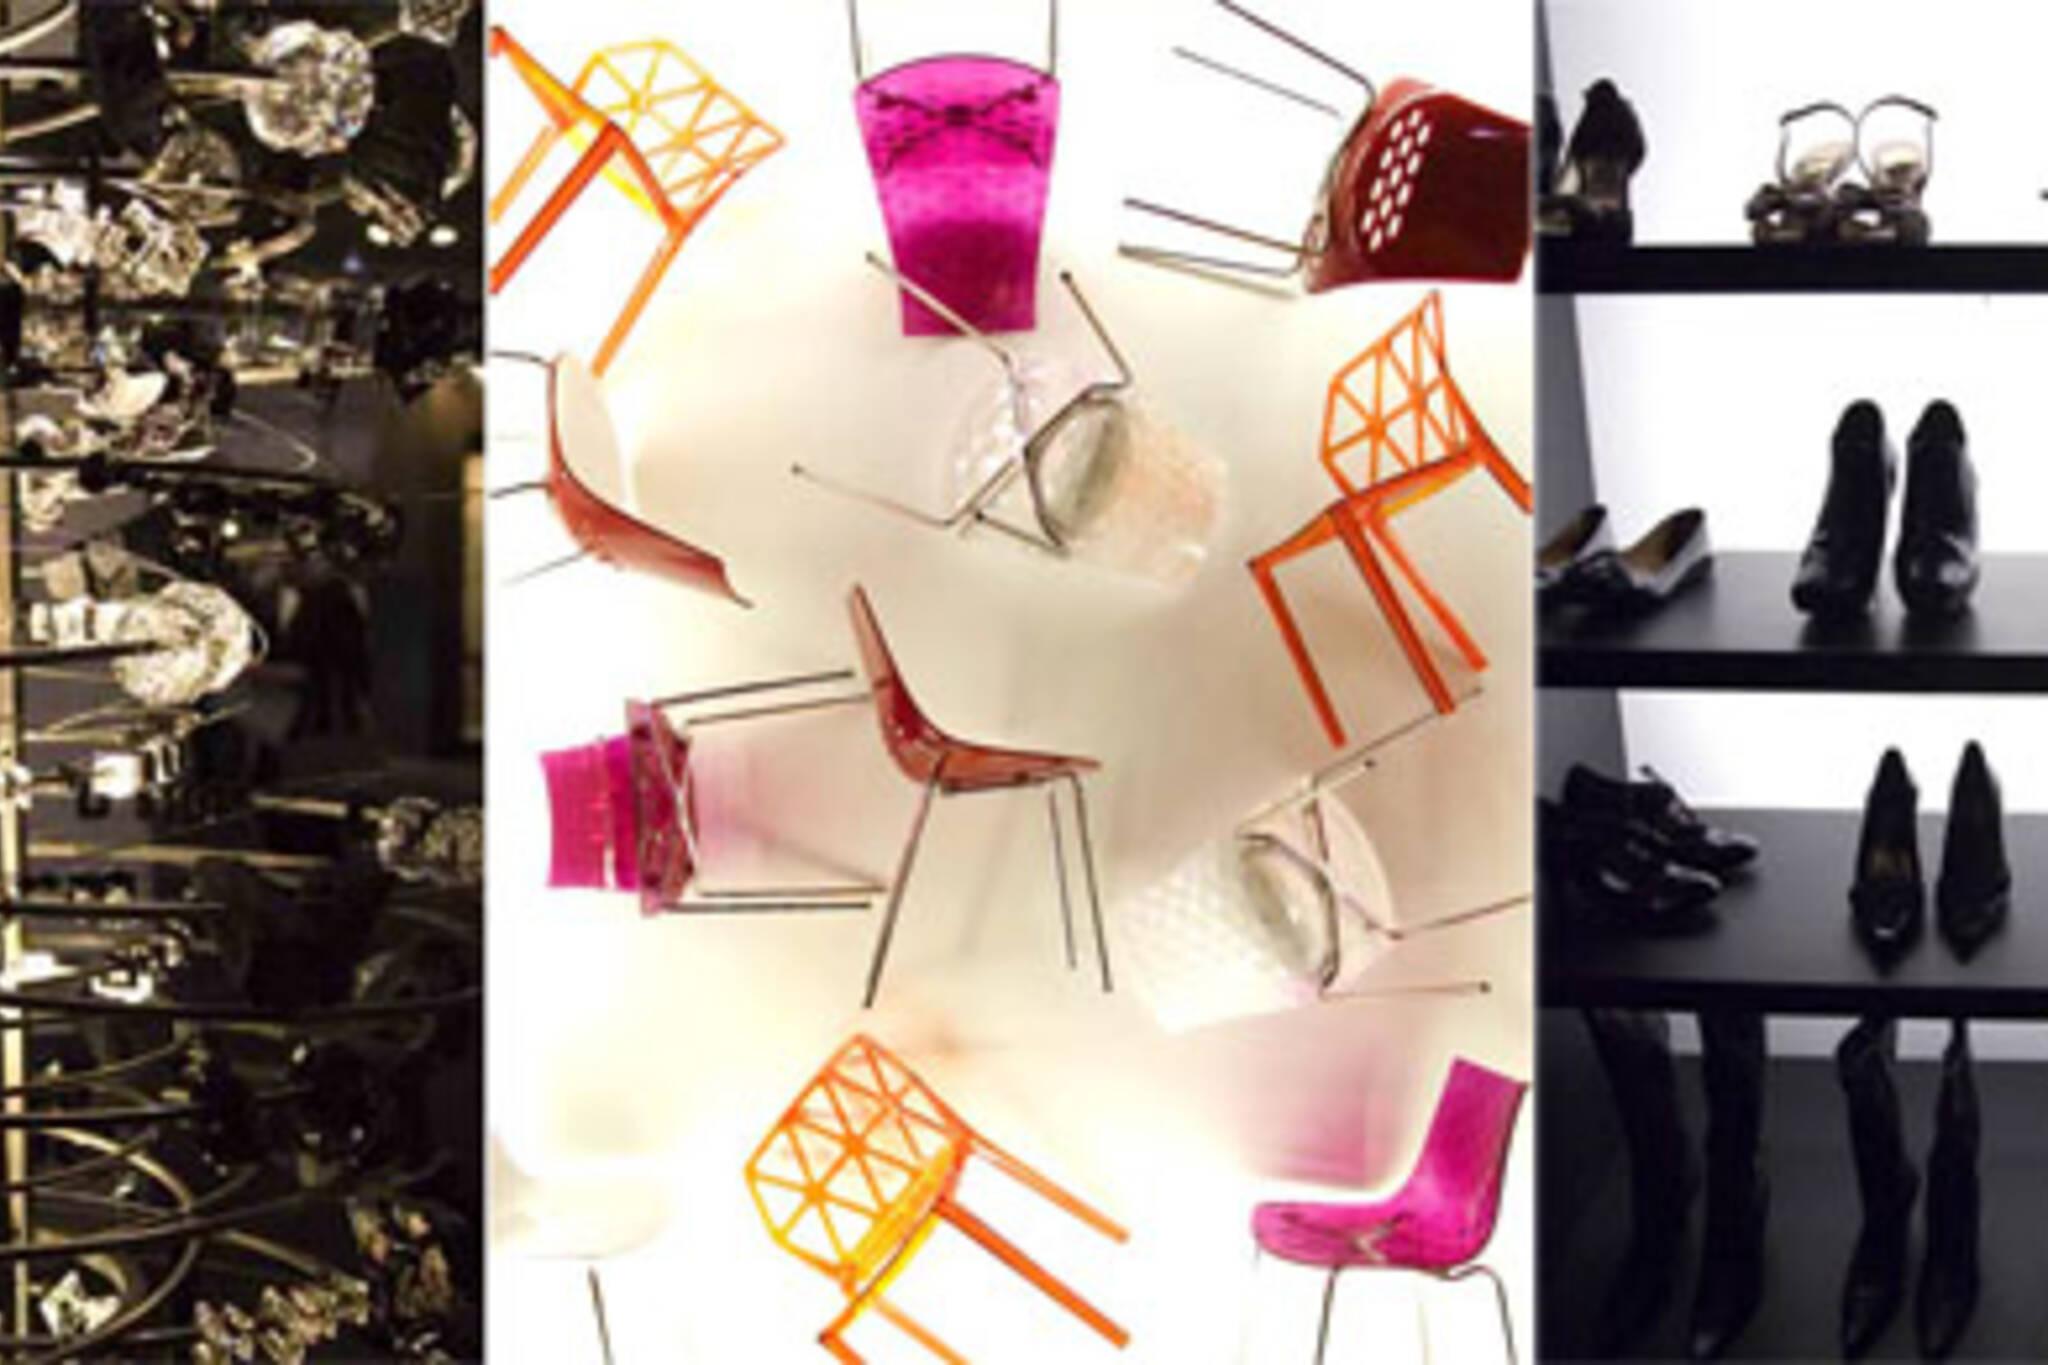 toronto interior design show 2009